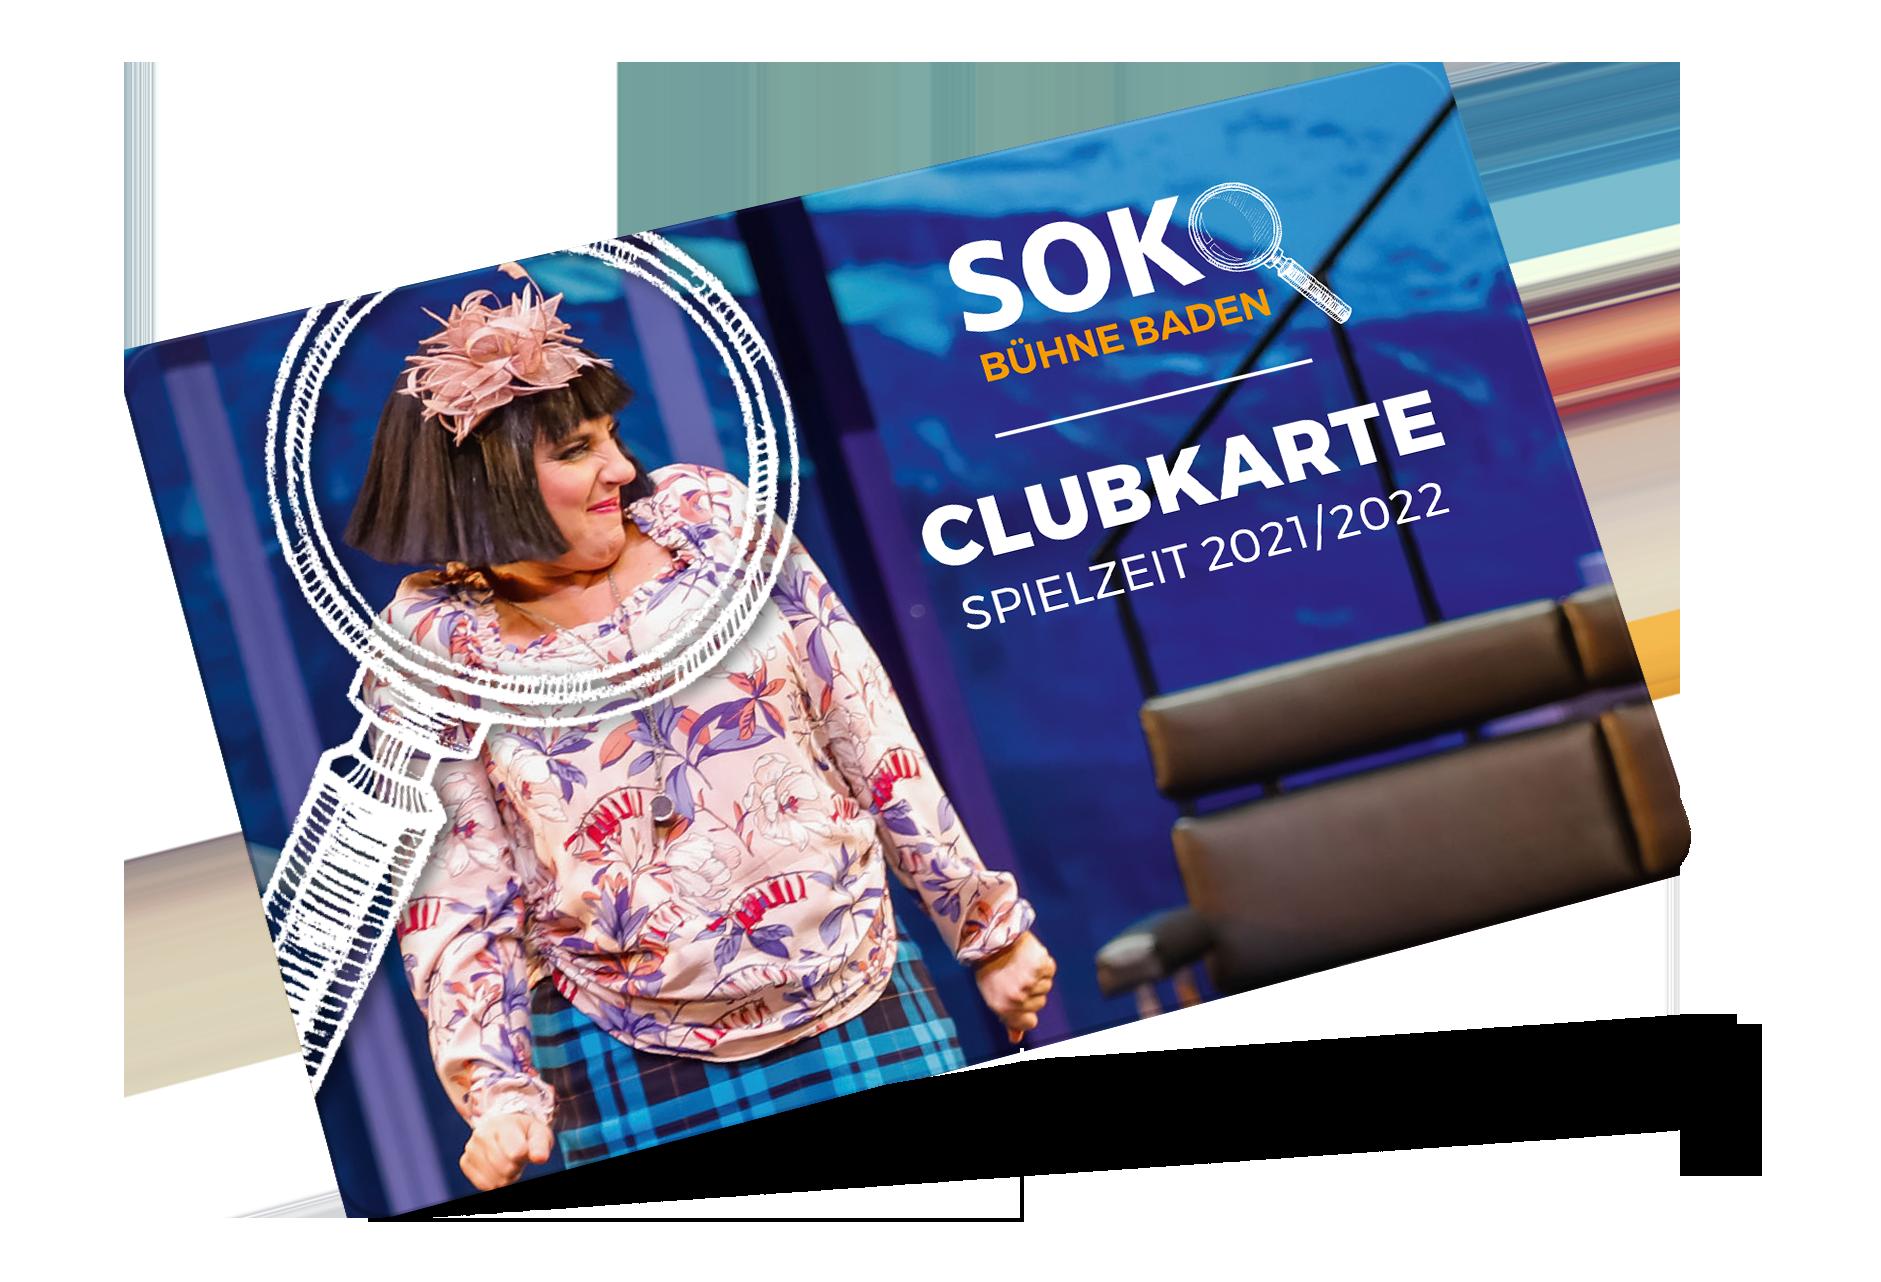 SOKO CLUBKARTE 2021/2022